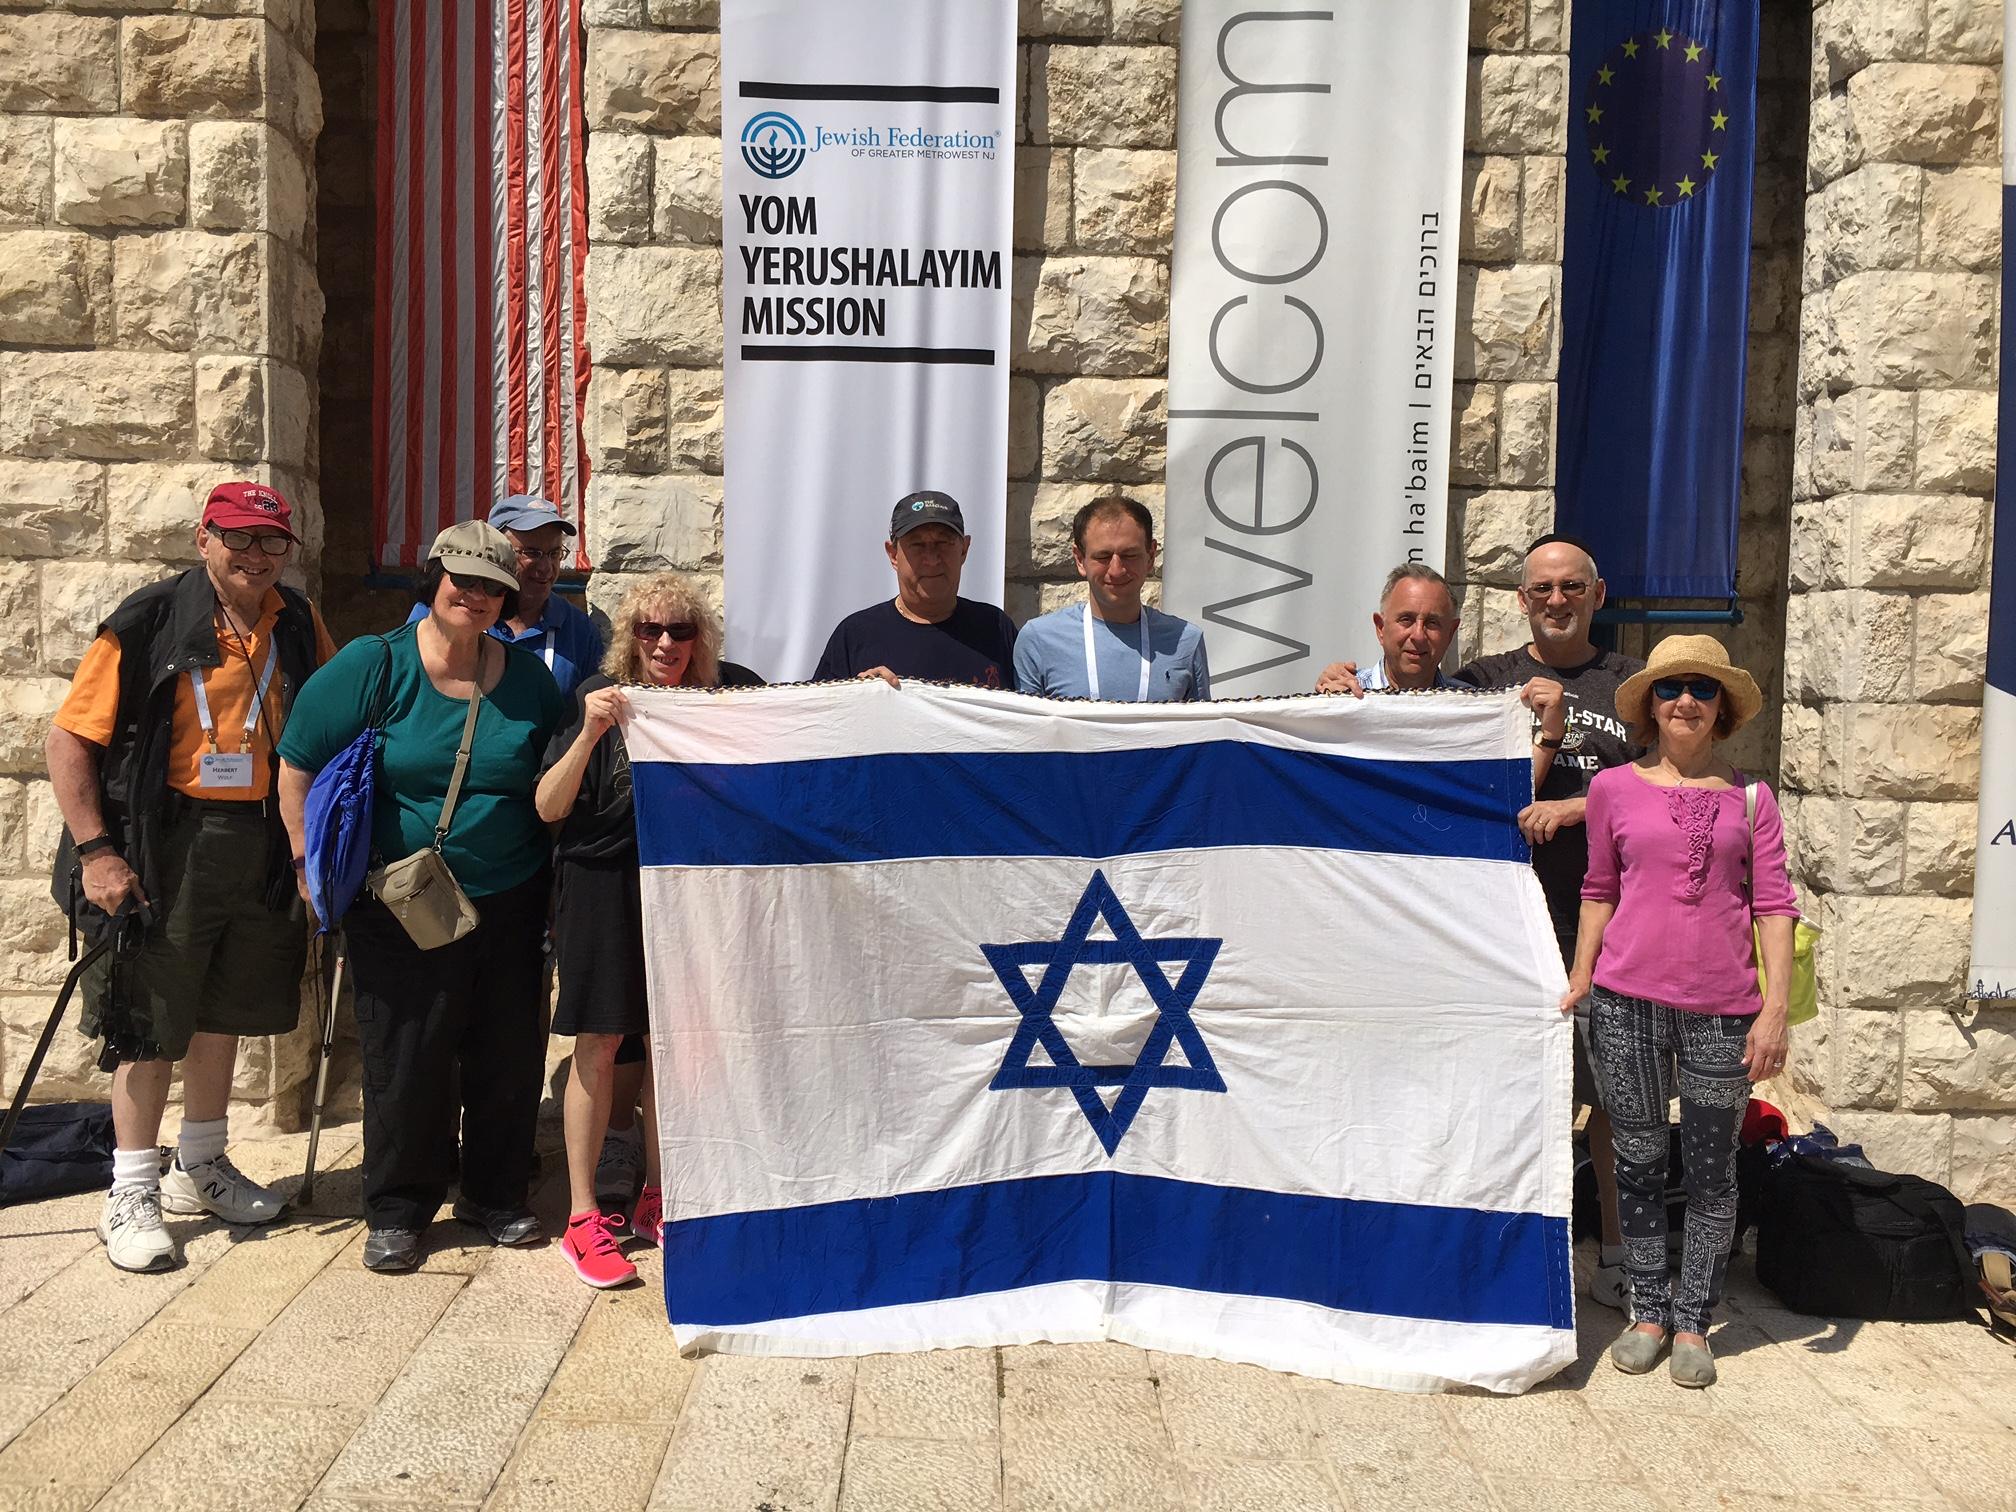 Yom Yerushalayim Mission